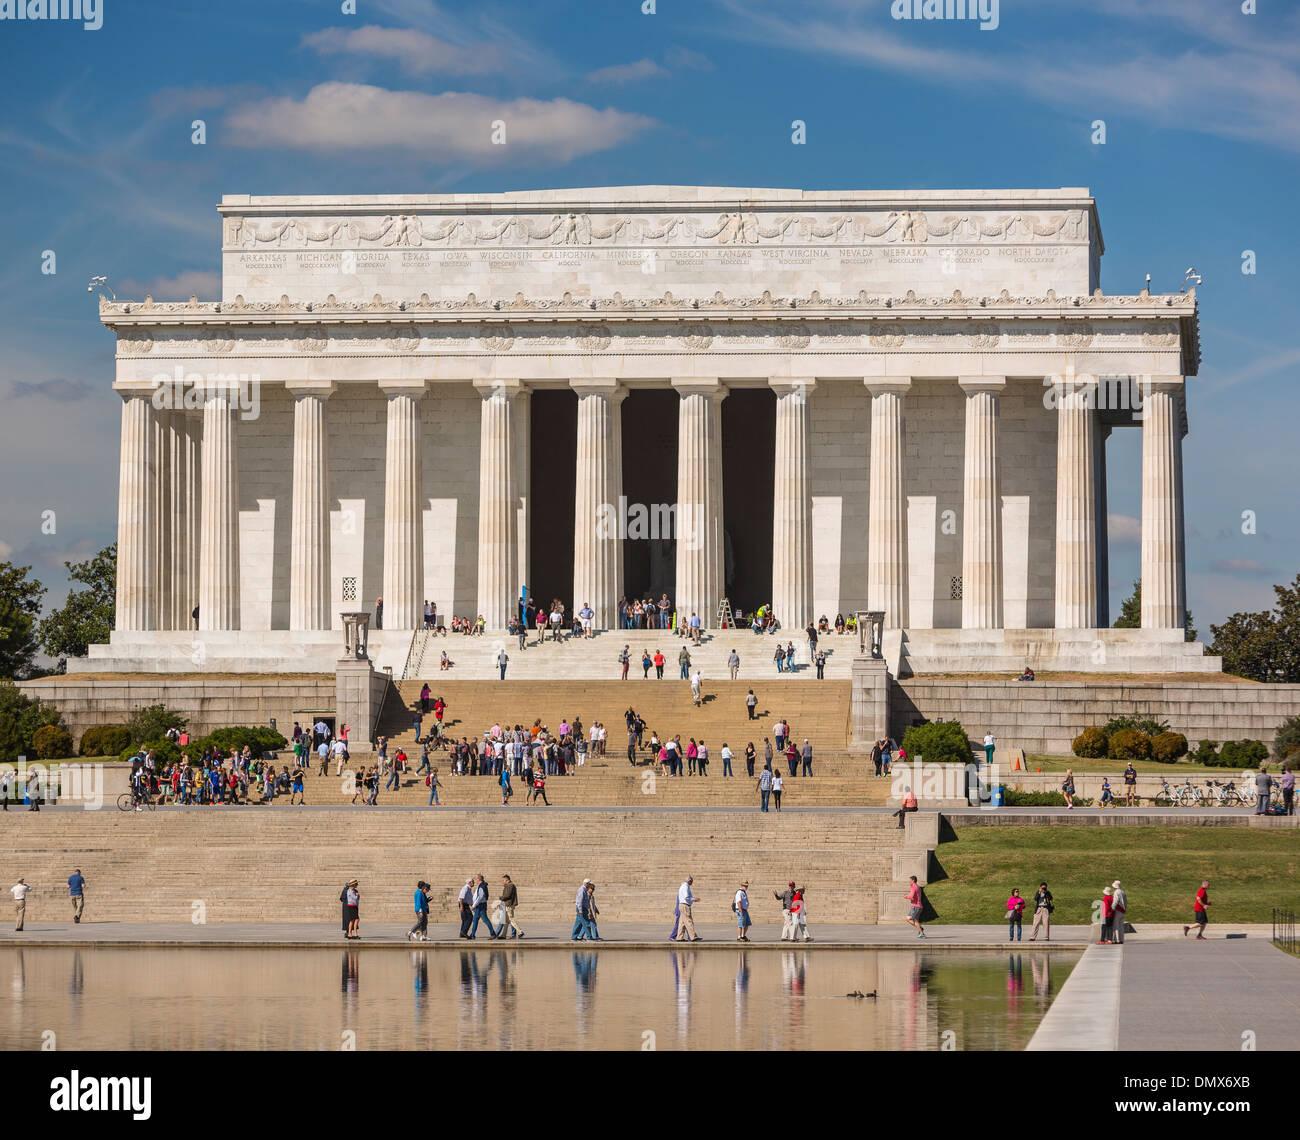 WASHINGTON, DC, USA - Lincoln Memorial and Reflecting Pool. Stock Photo